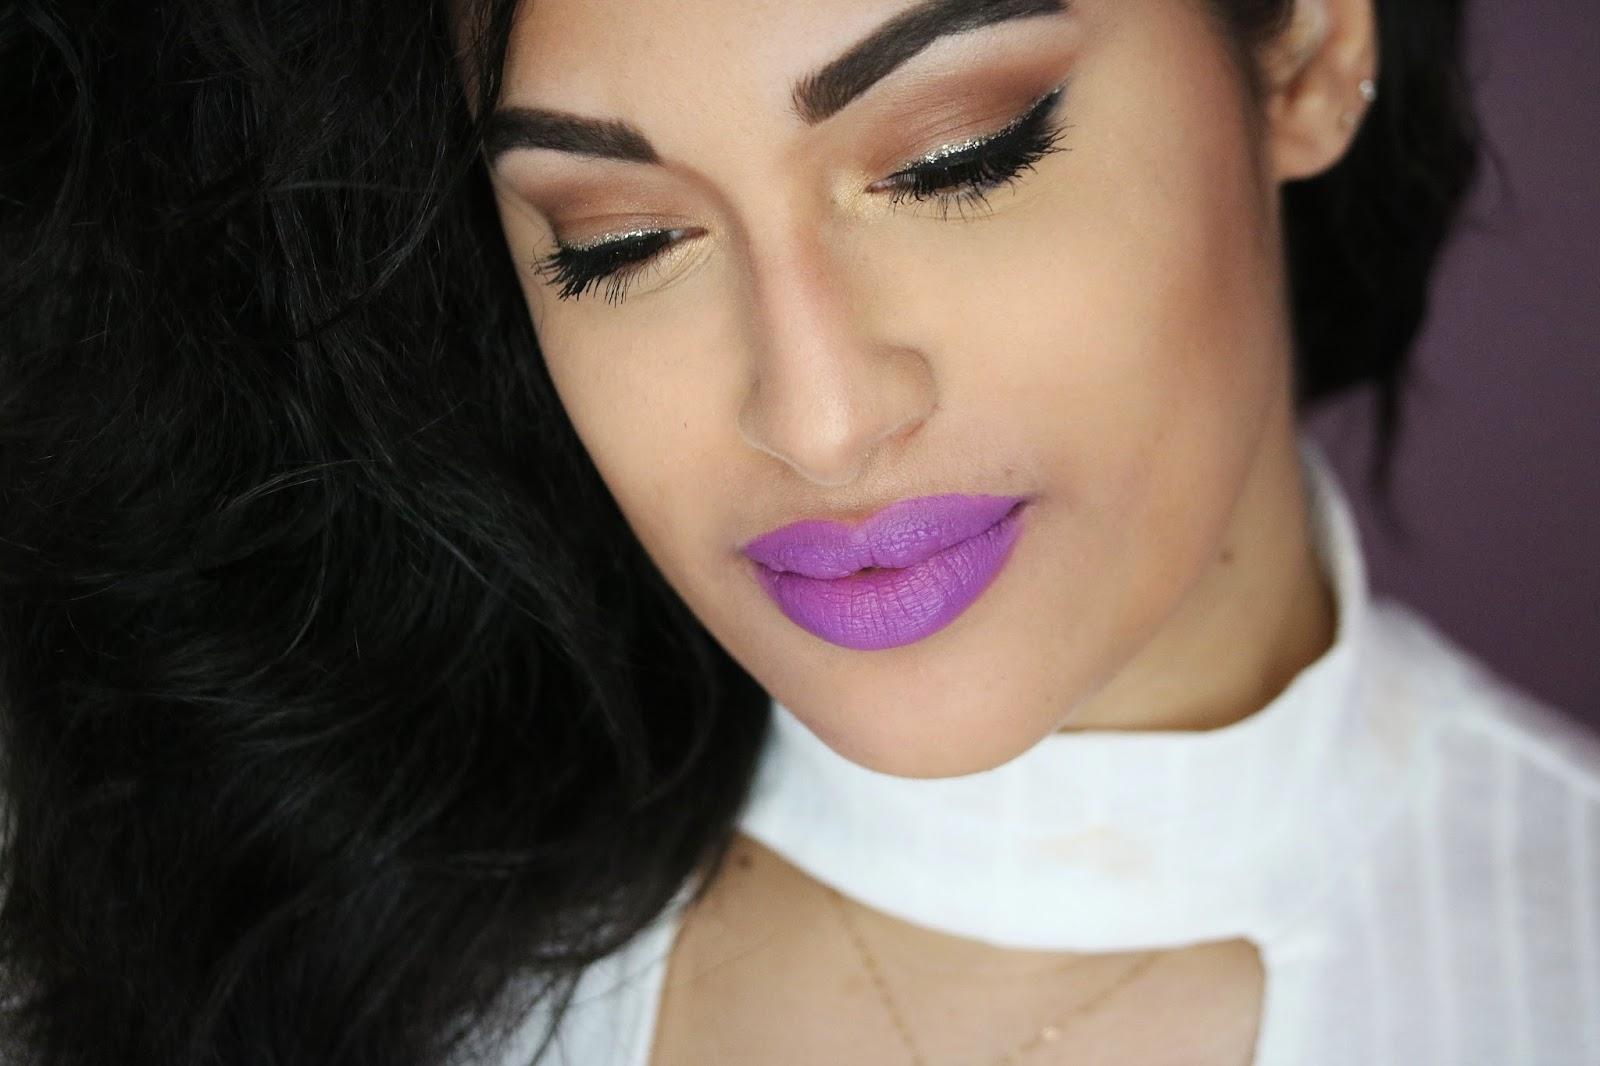 rosemademoiselle-rose-mademoiselle-kiko-milano-velvet-passion-matte-lipstick-crazy-color-revue-avis-ambassadrice